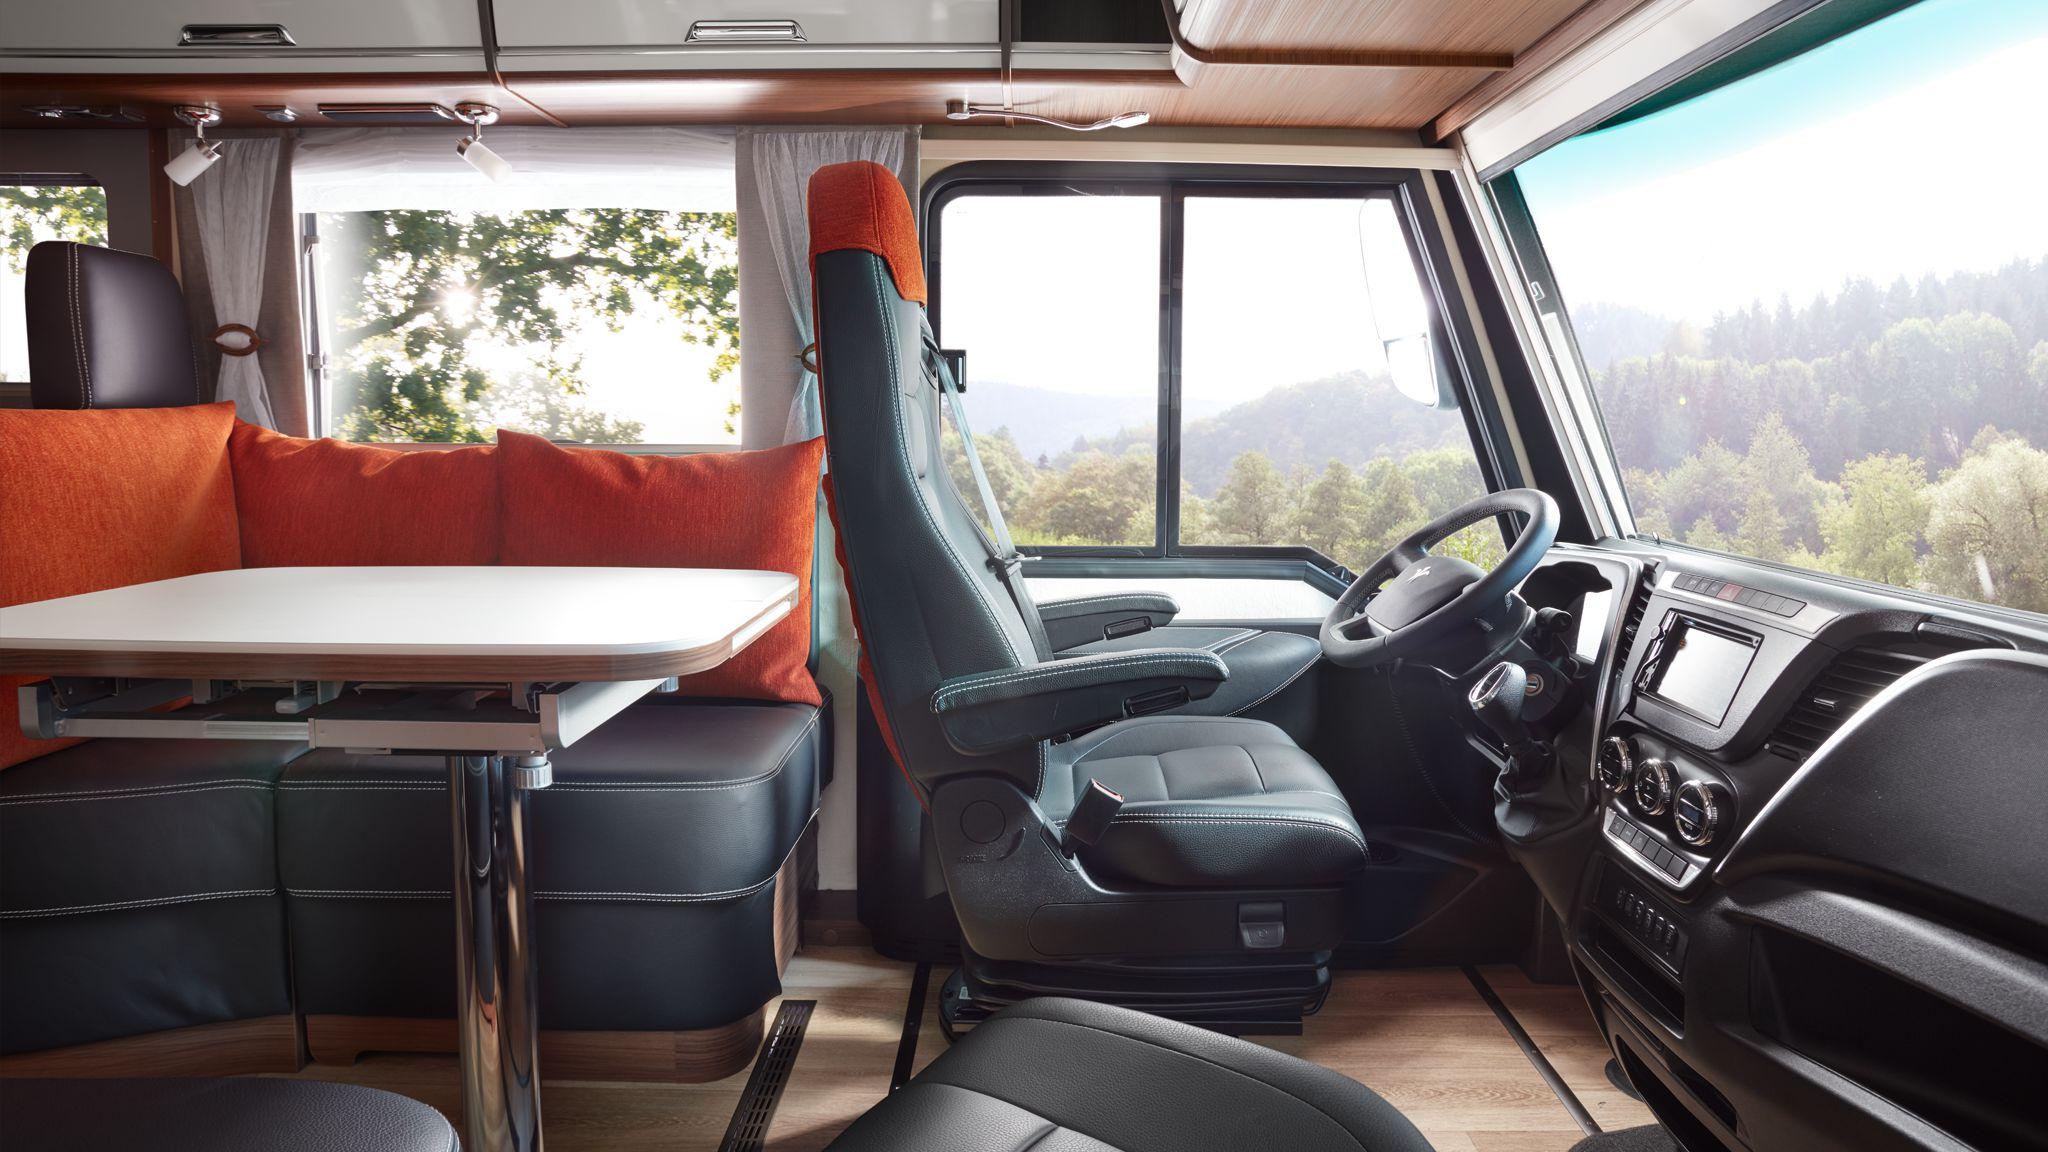 NIESMANN+BISCHOFF - Flair - Fahrersitz nach vorne gedreht